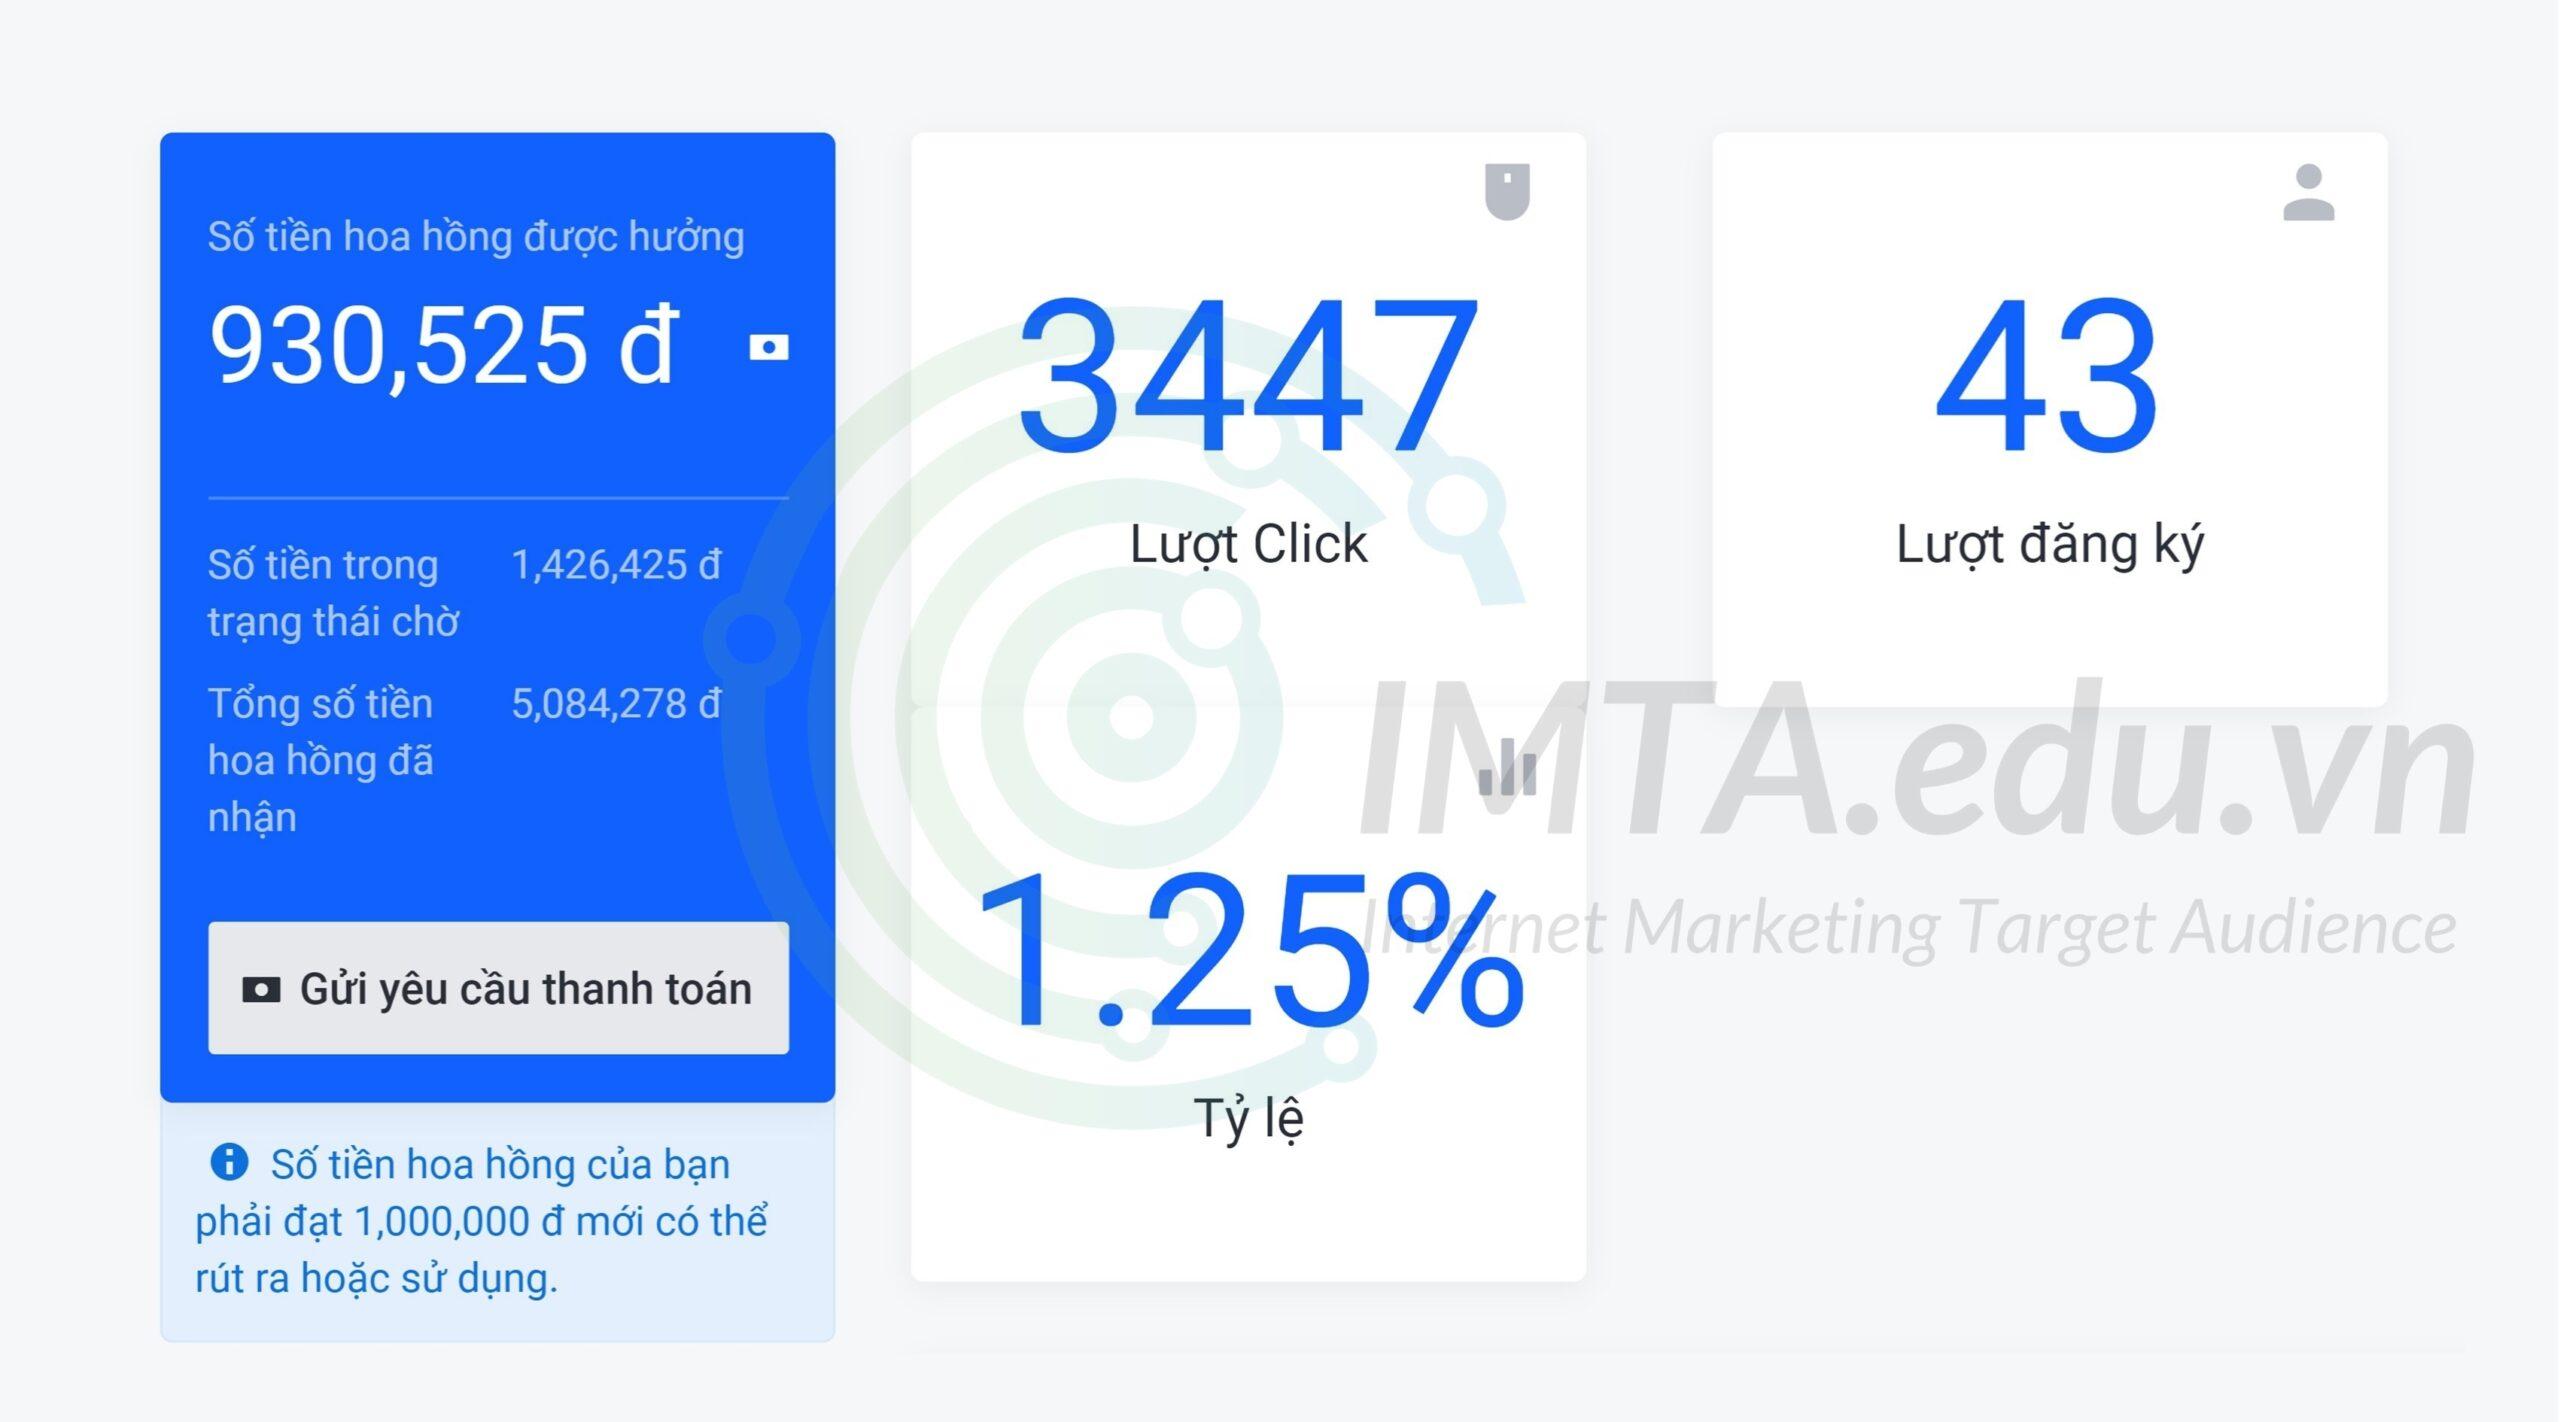 Thành quả thu nhập từ tiếp thị liên kết cho dịch vụ hosting